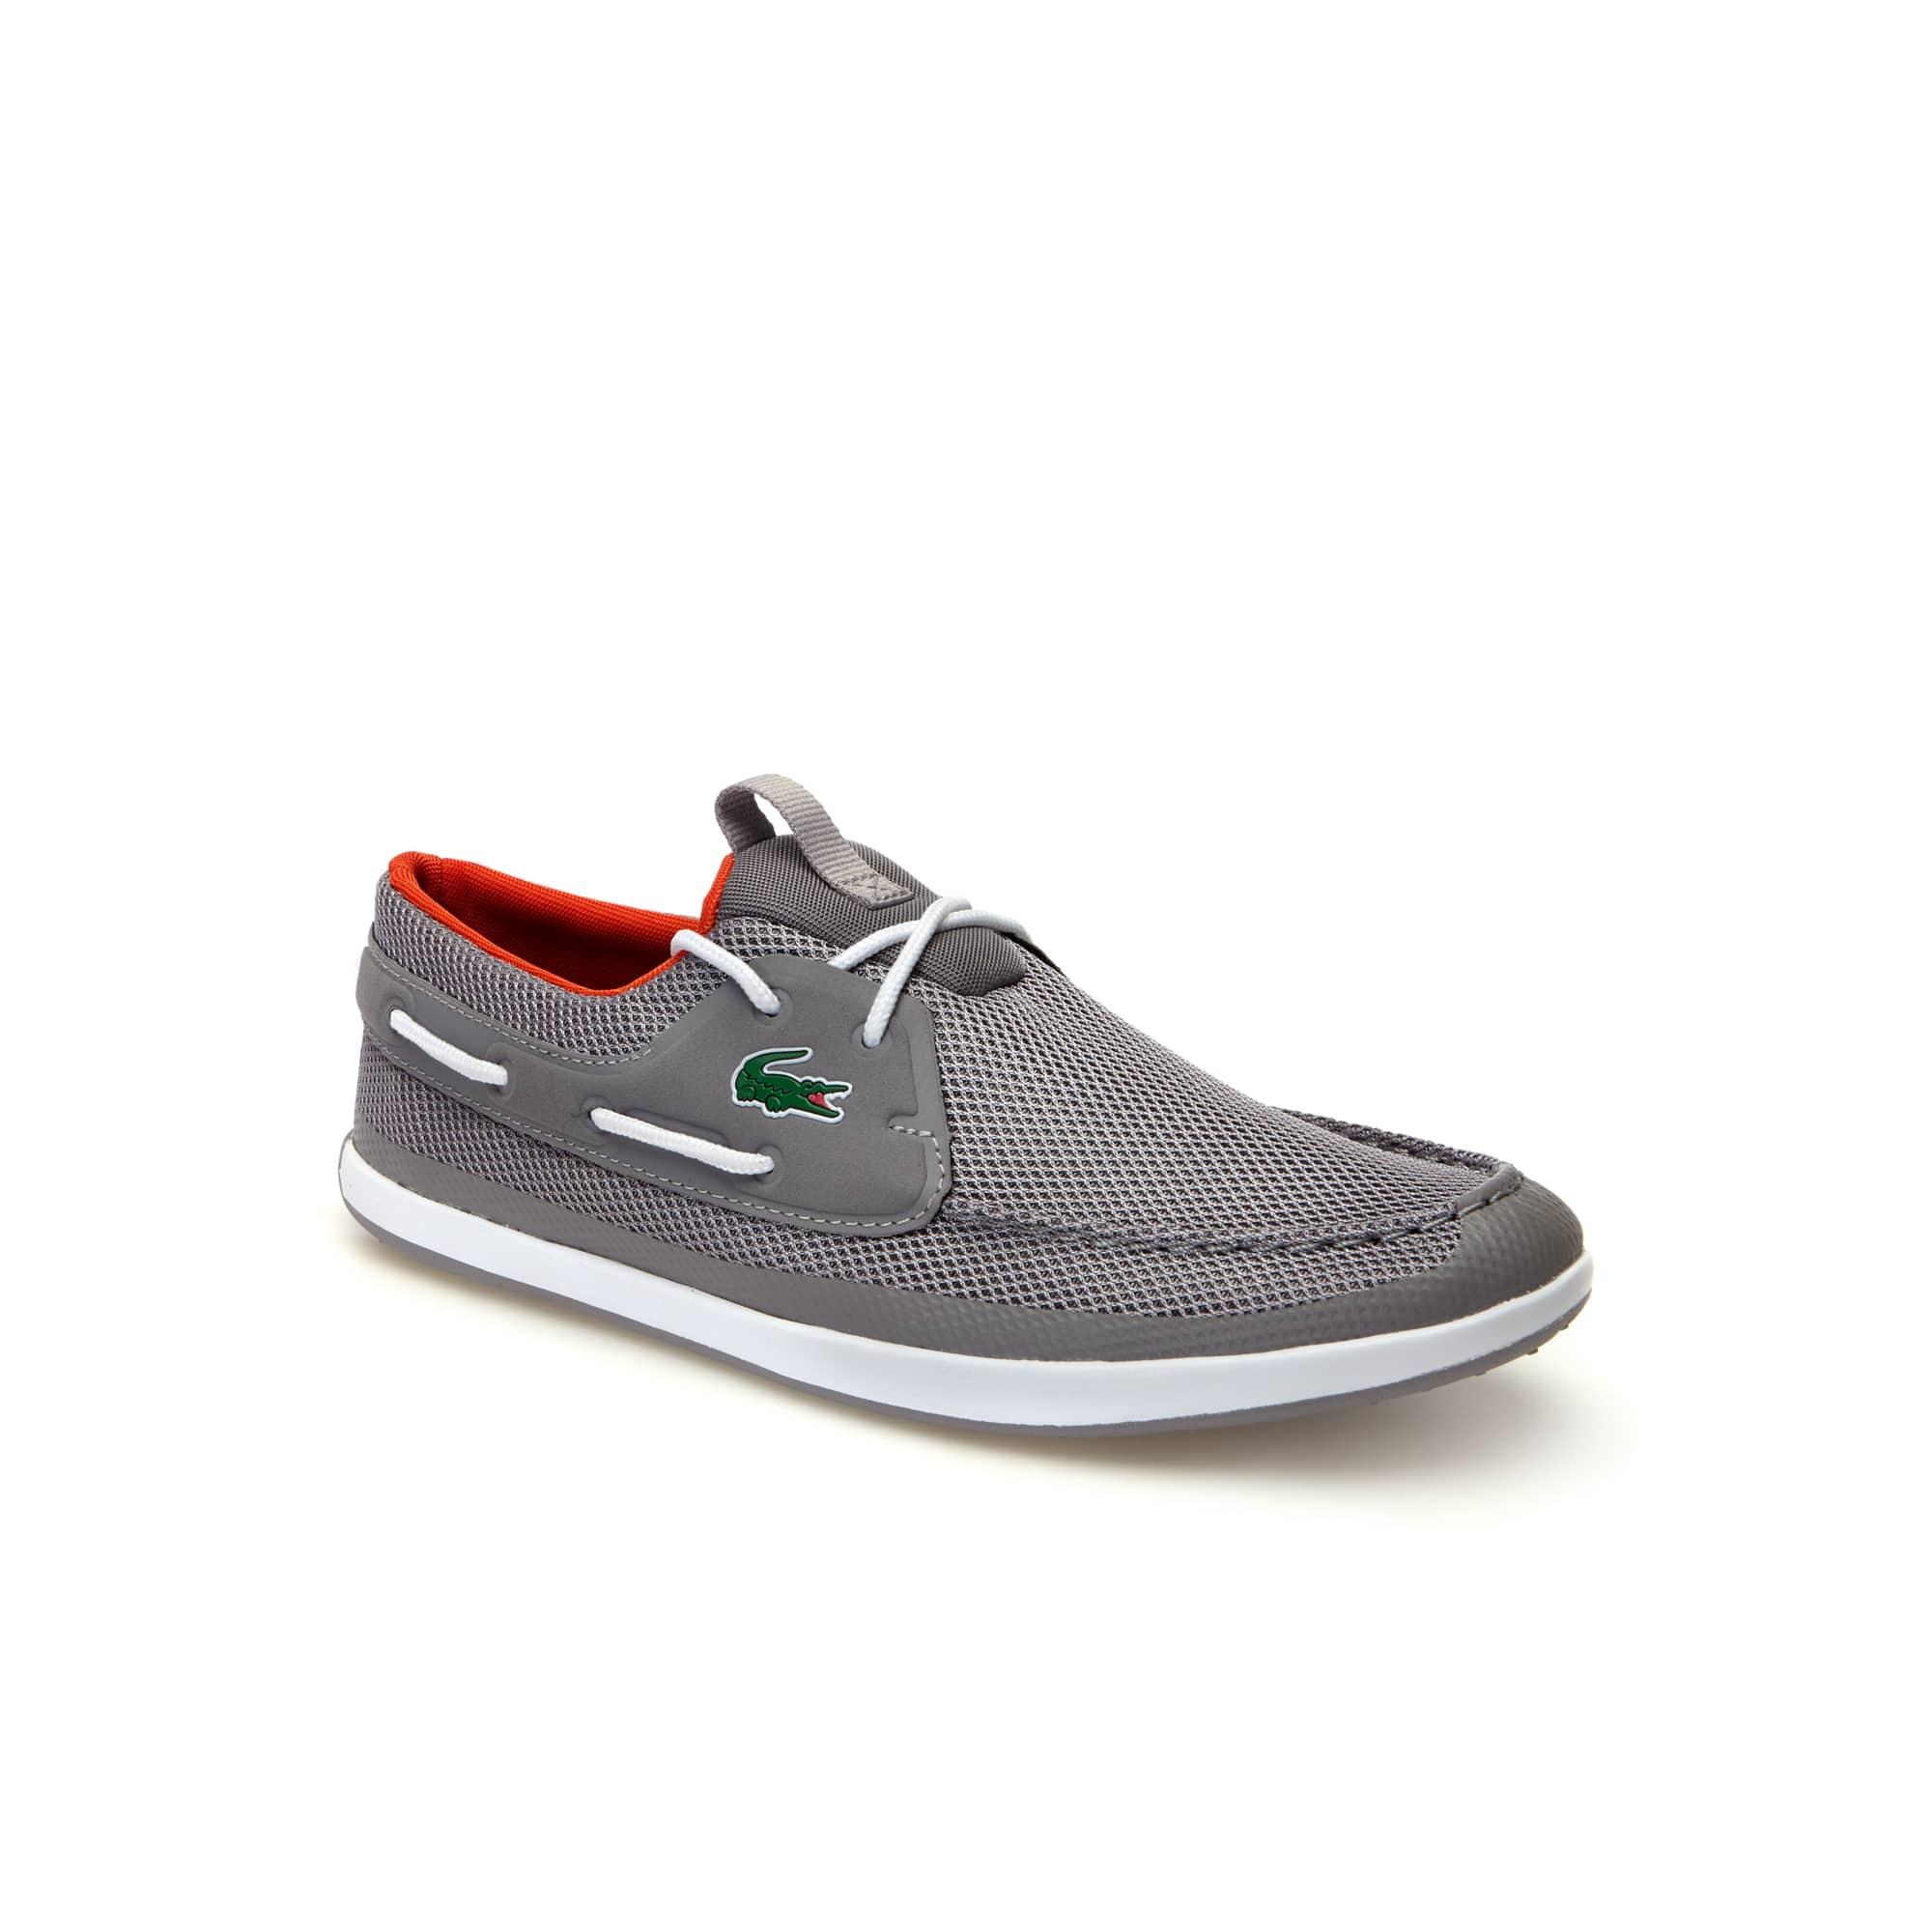 f2065ee96f32 Men s L.andsailing Textile Boat Shoes